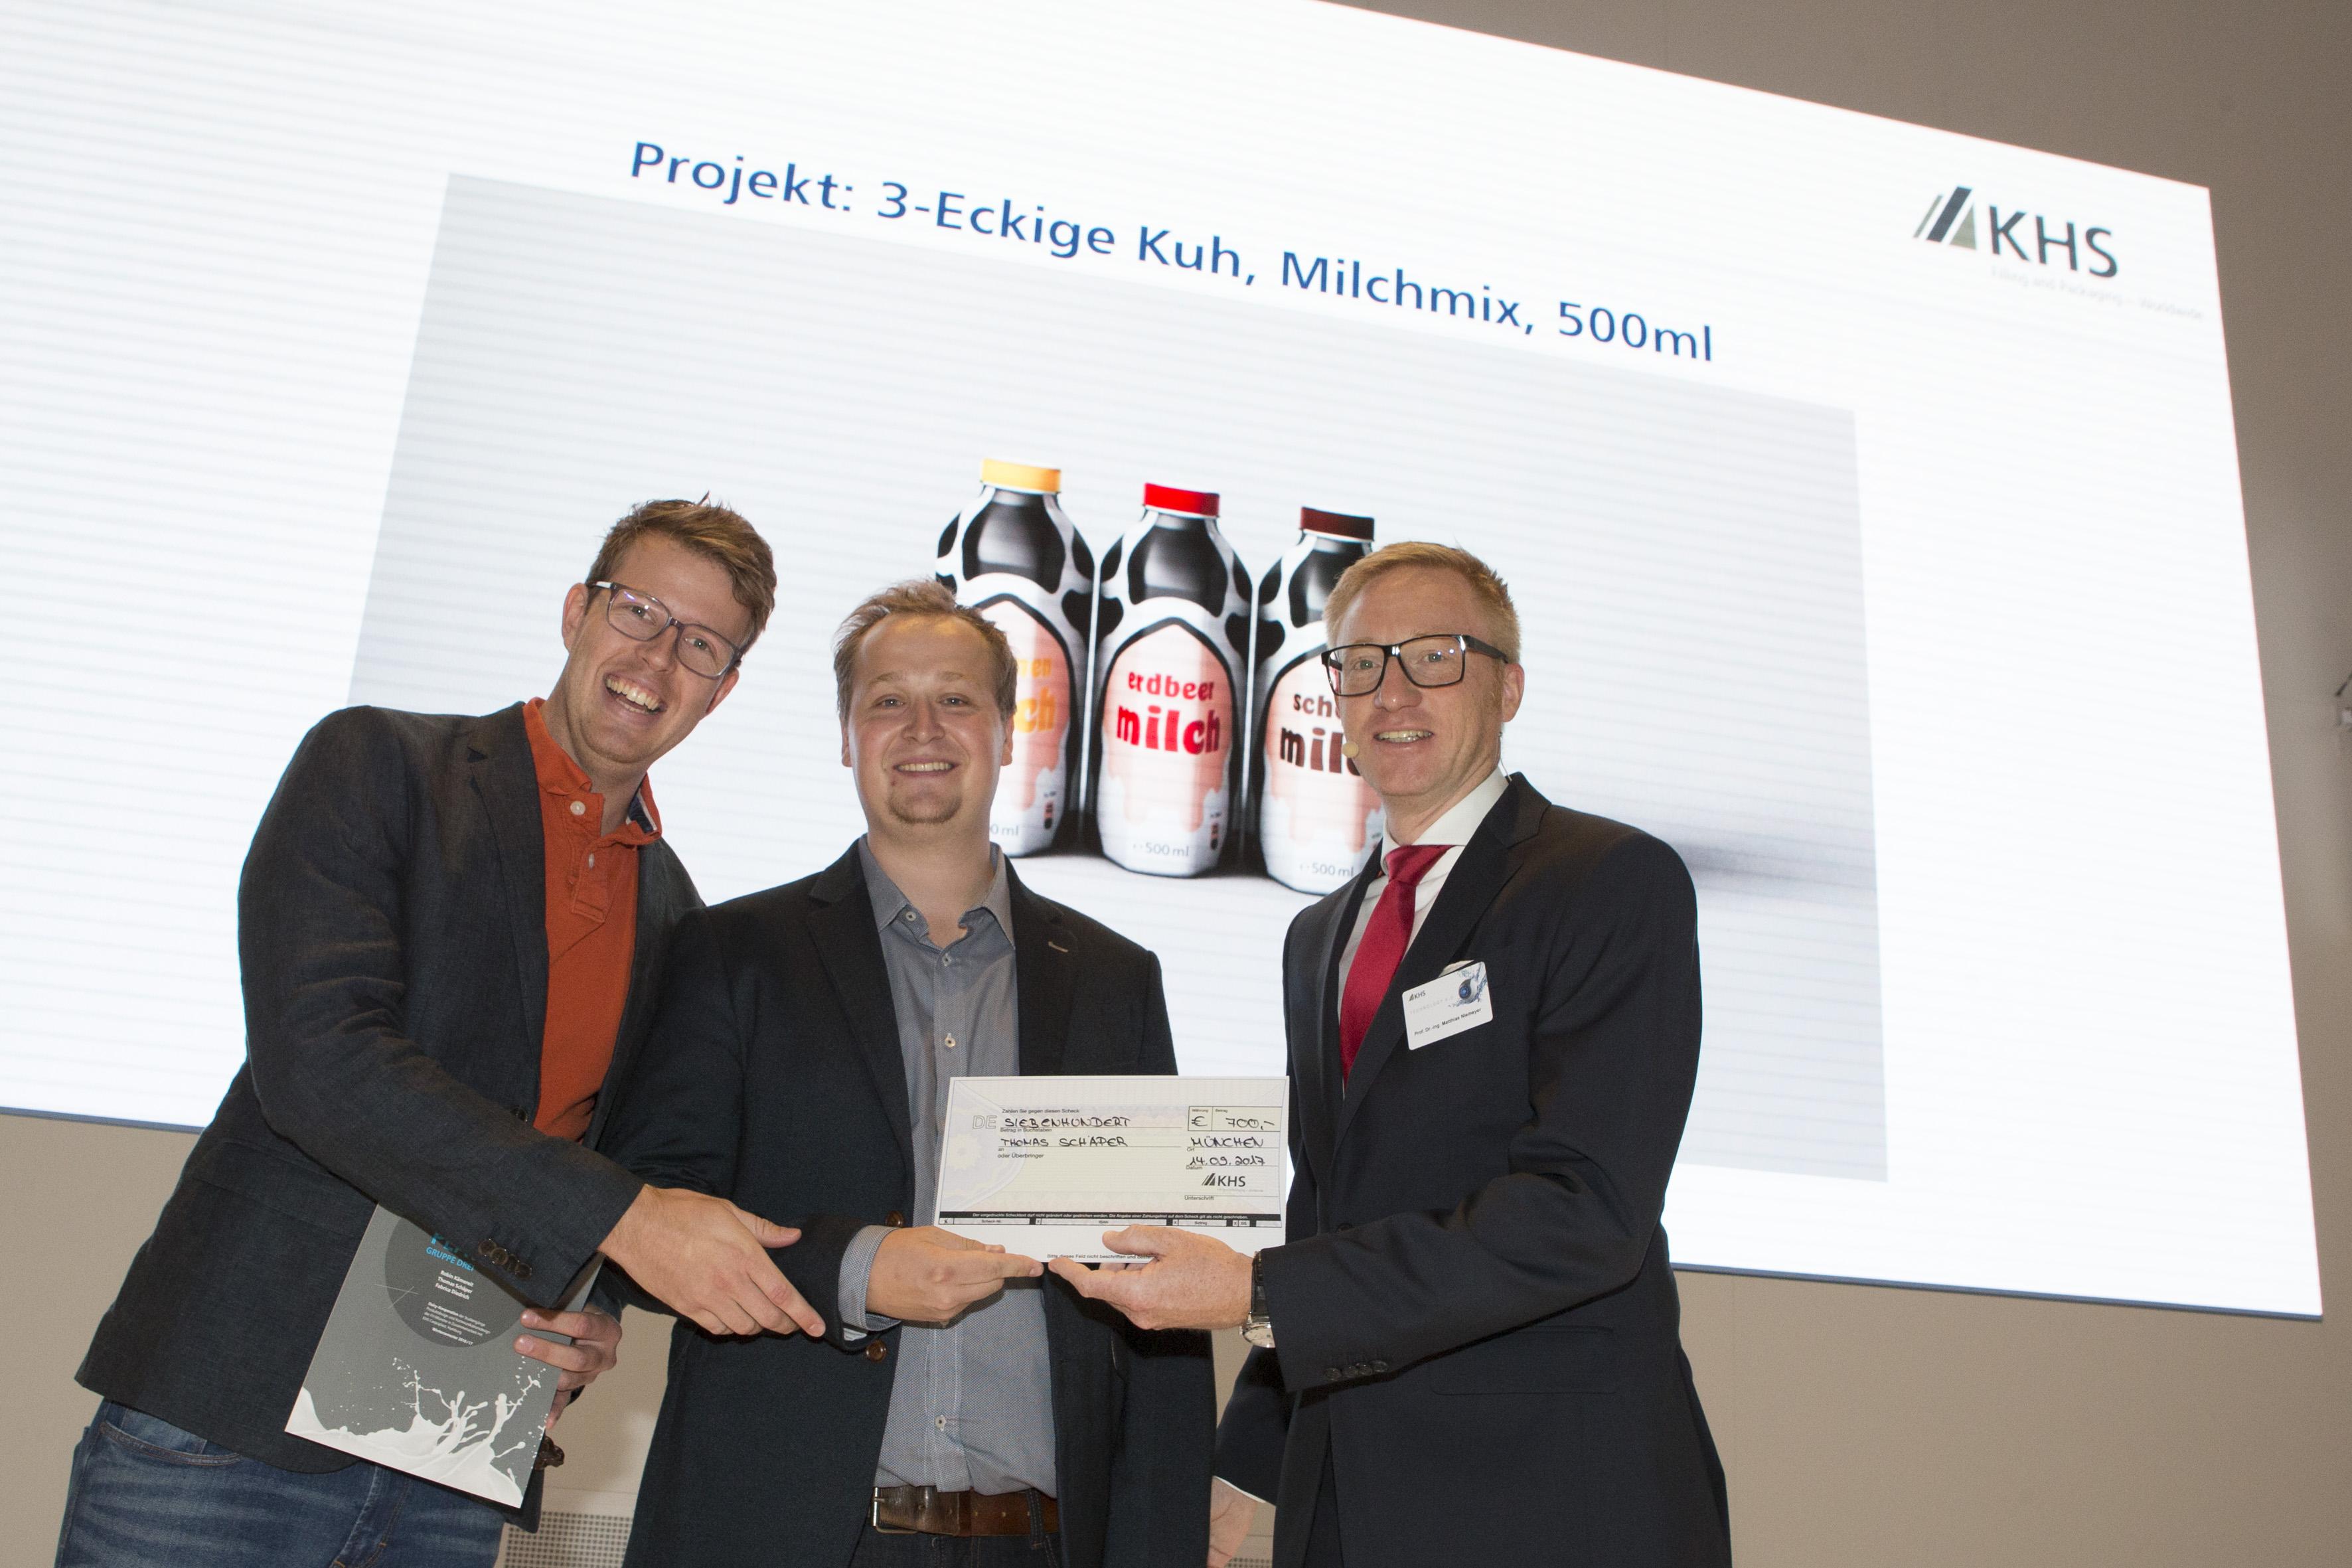 Robin Kämereit und Thomas Schäper erhalten Scheck von Prof. Dr. Matthias Niemeyer